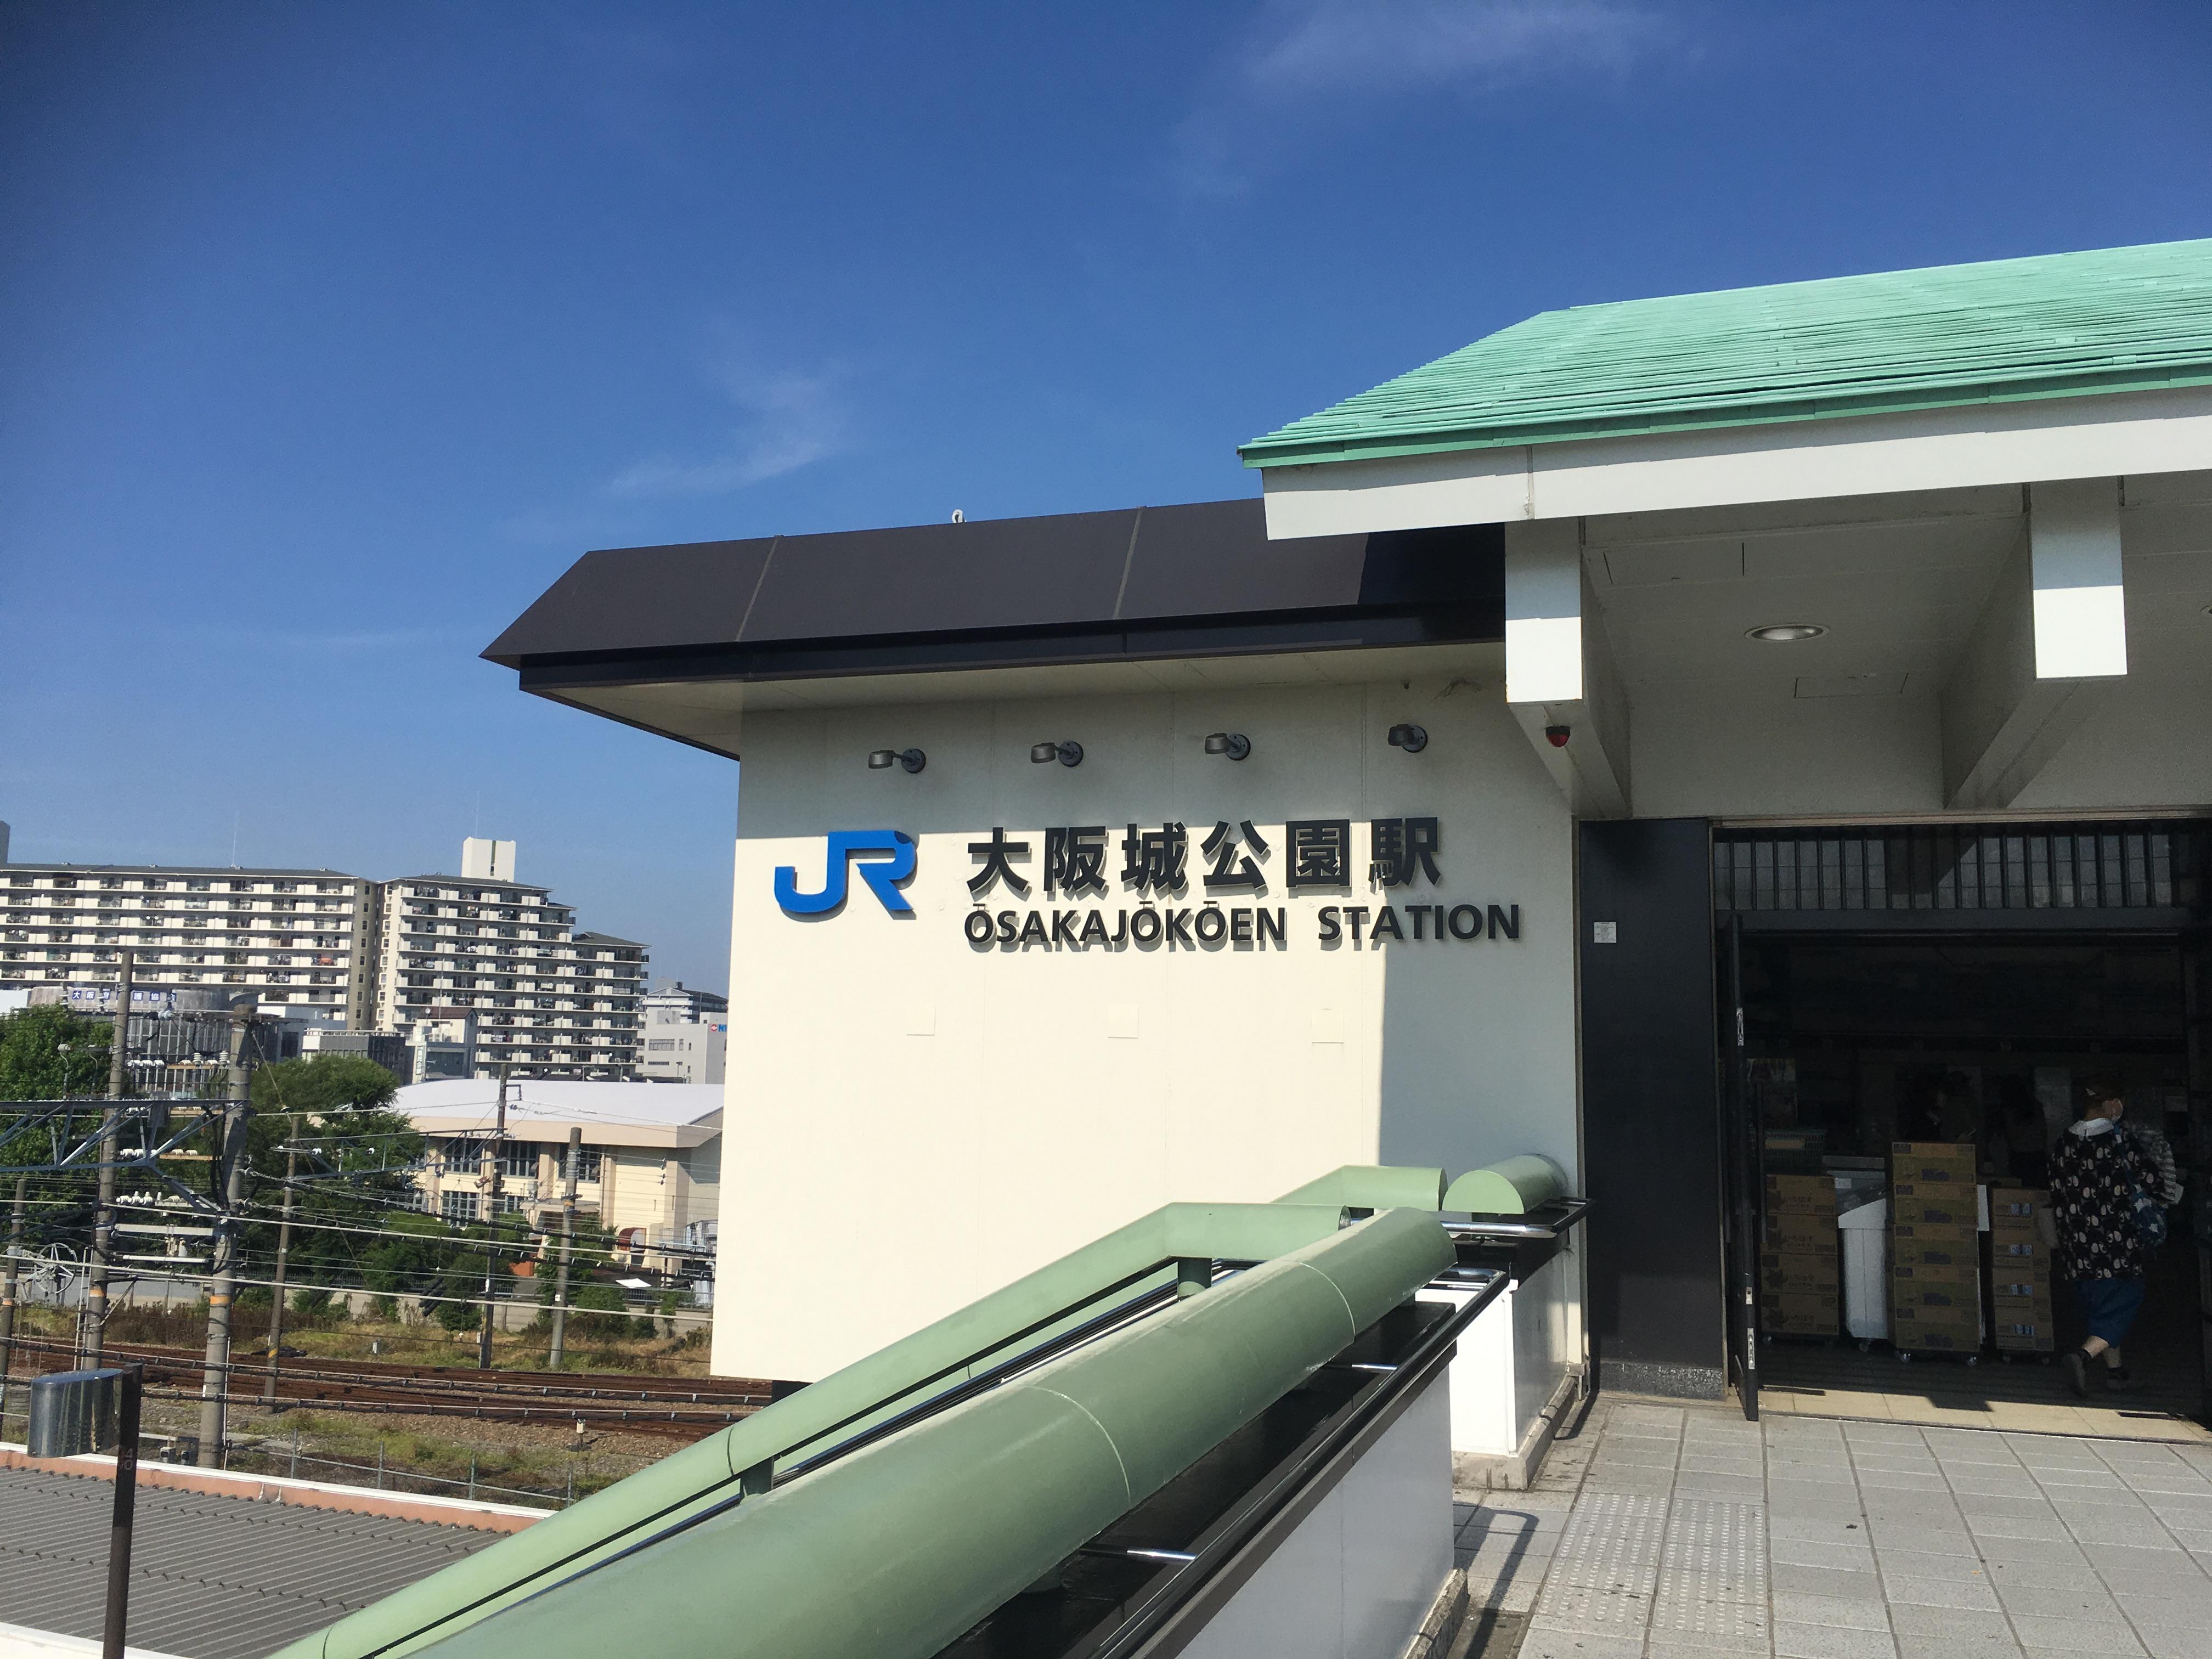 大阪のアクアライナーに乗ってきた